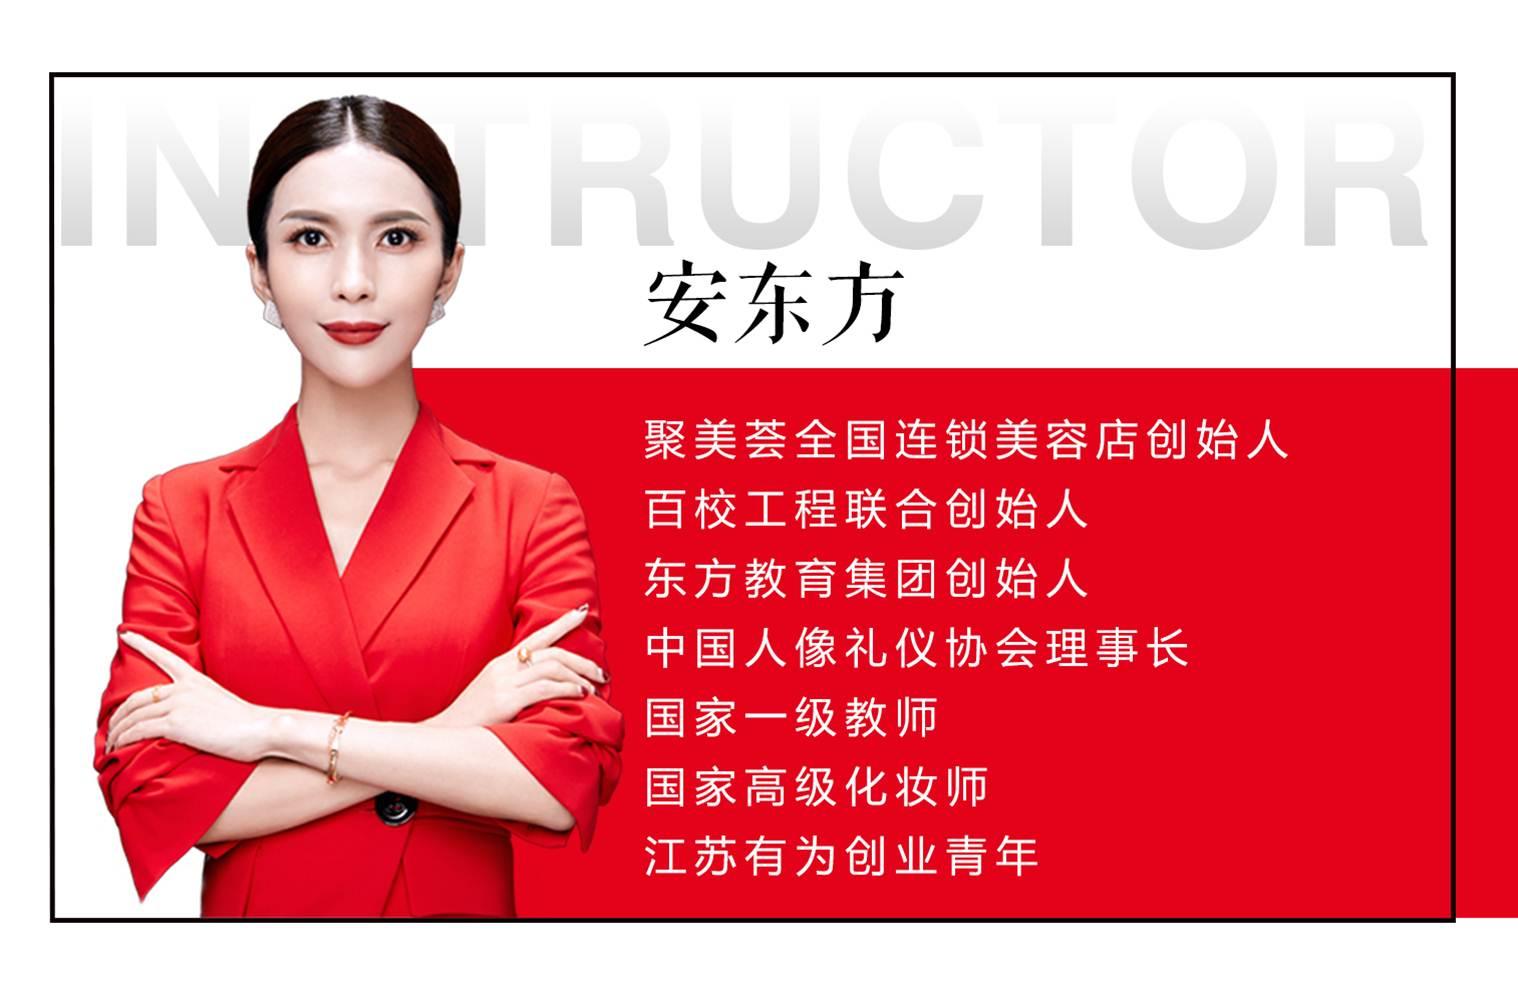 南京造型化妆学校东方化妆晓青老师课程限时免费